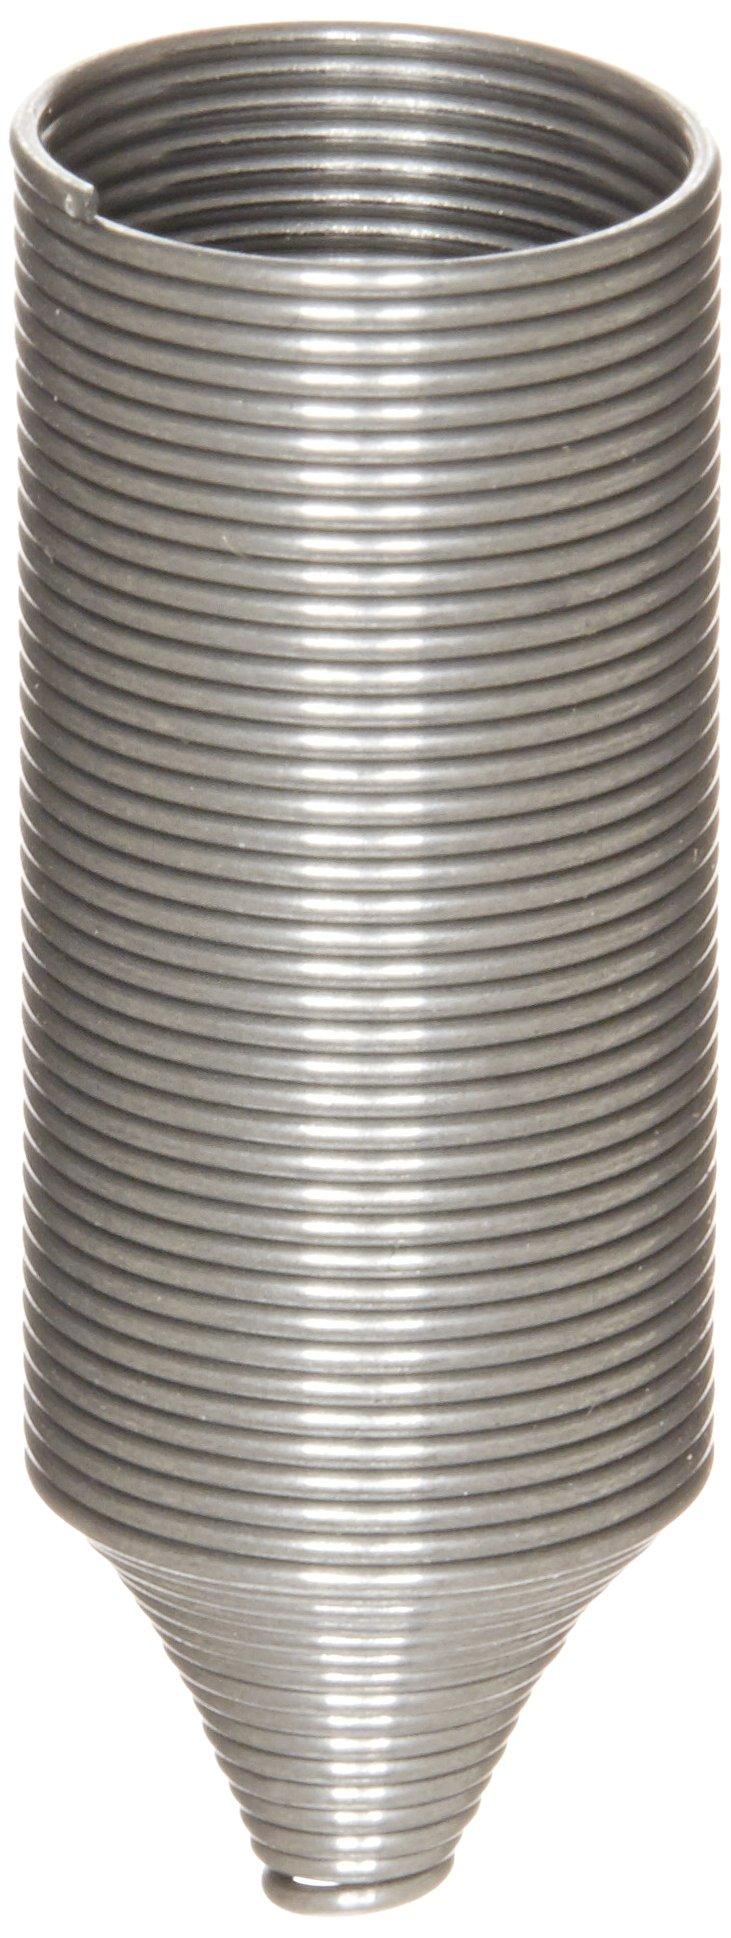 Hakko A1030 Spring Filter for 802/807/809/817